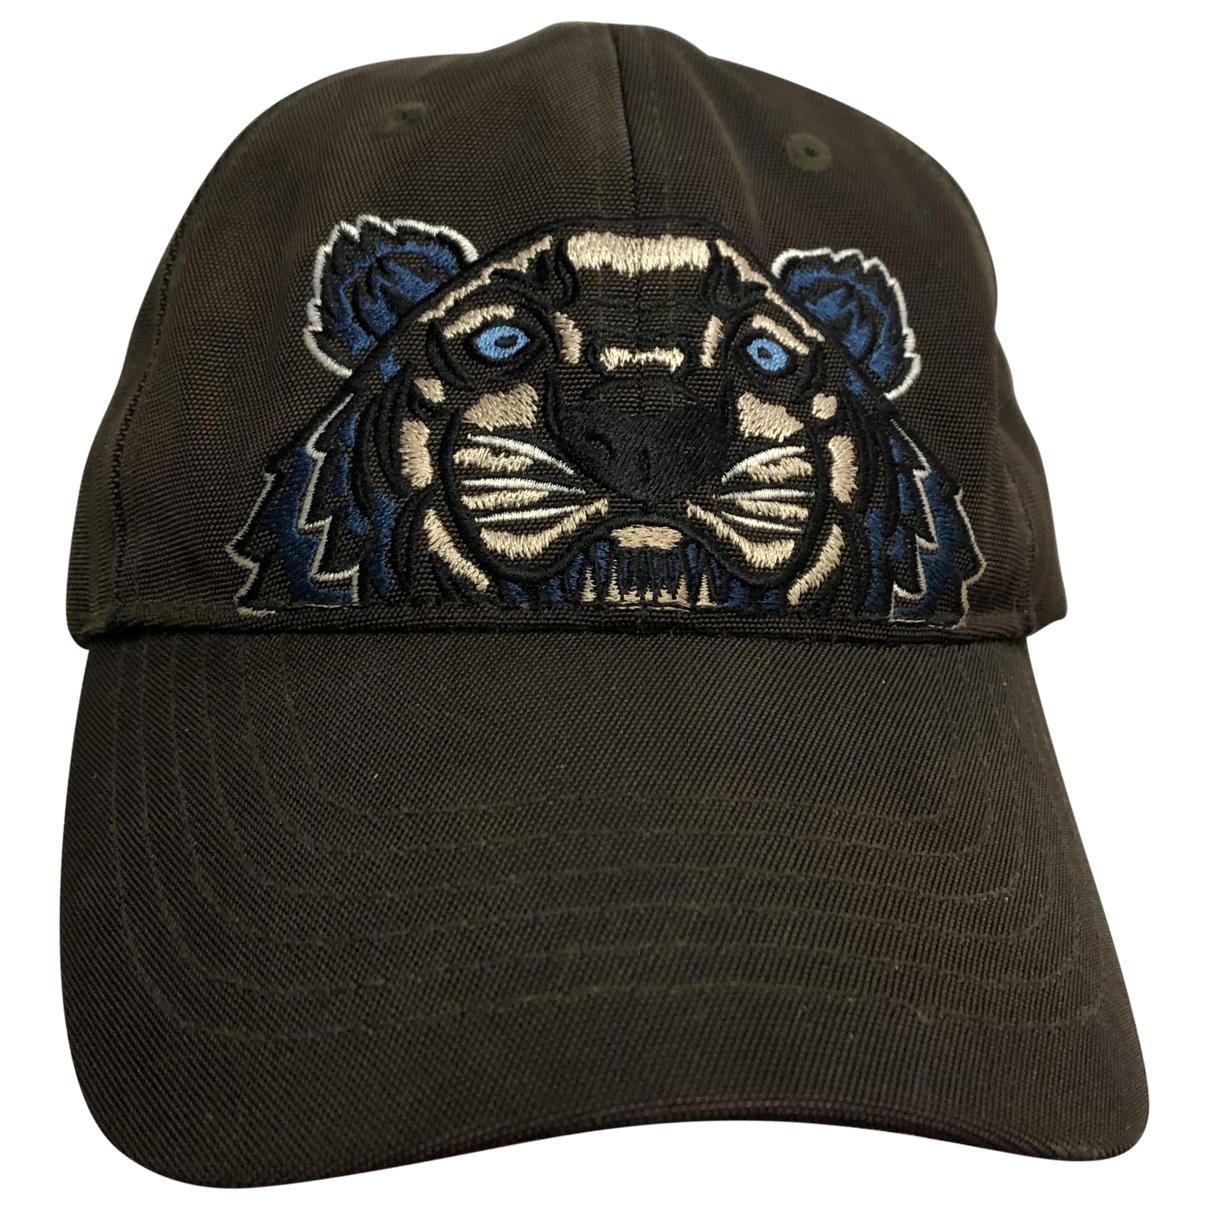 Kenzo \N Khaki Cotton hat & pull on hat for Men M International